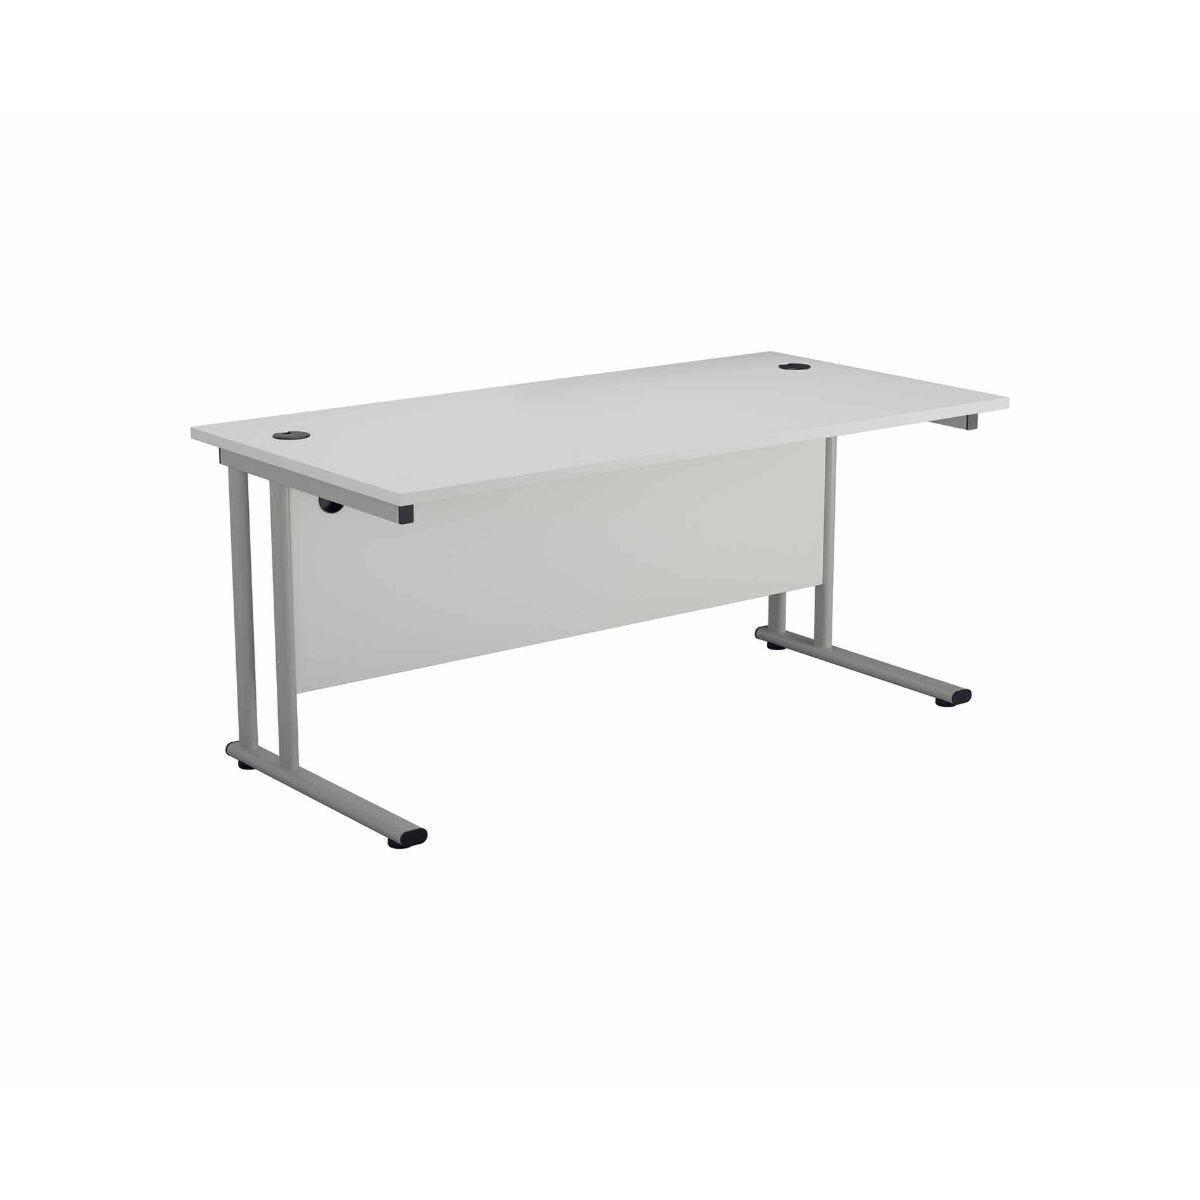 TC Office Start Silver Cantilever Frame Desk 1200x800mm White